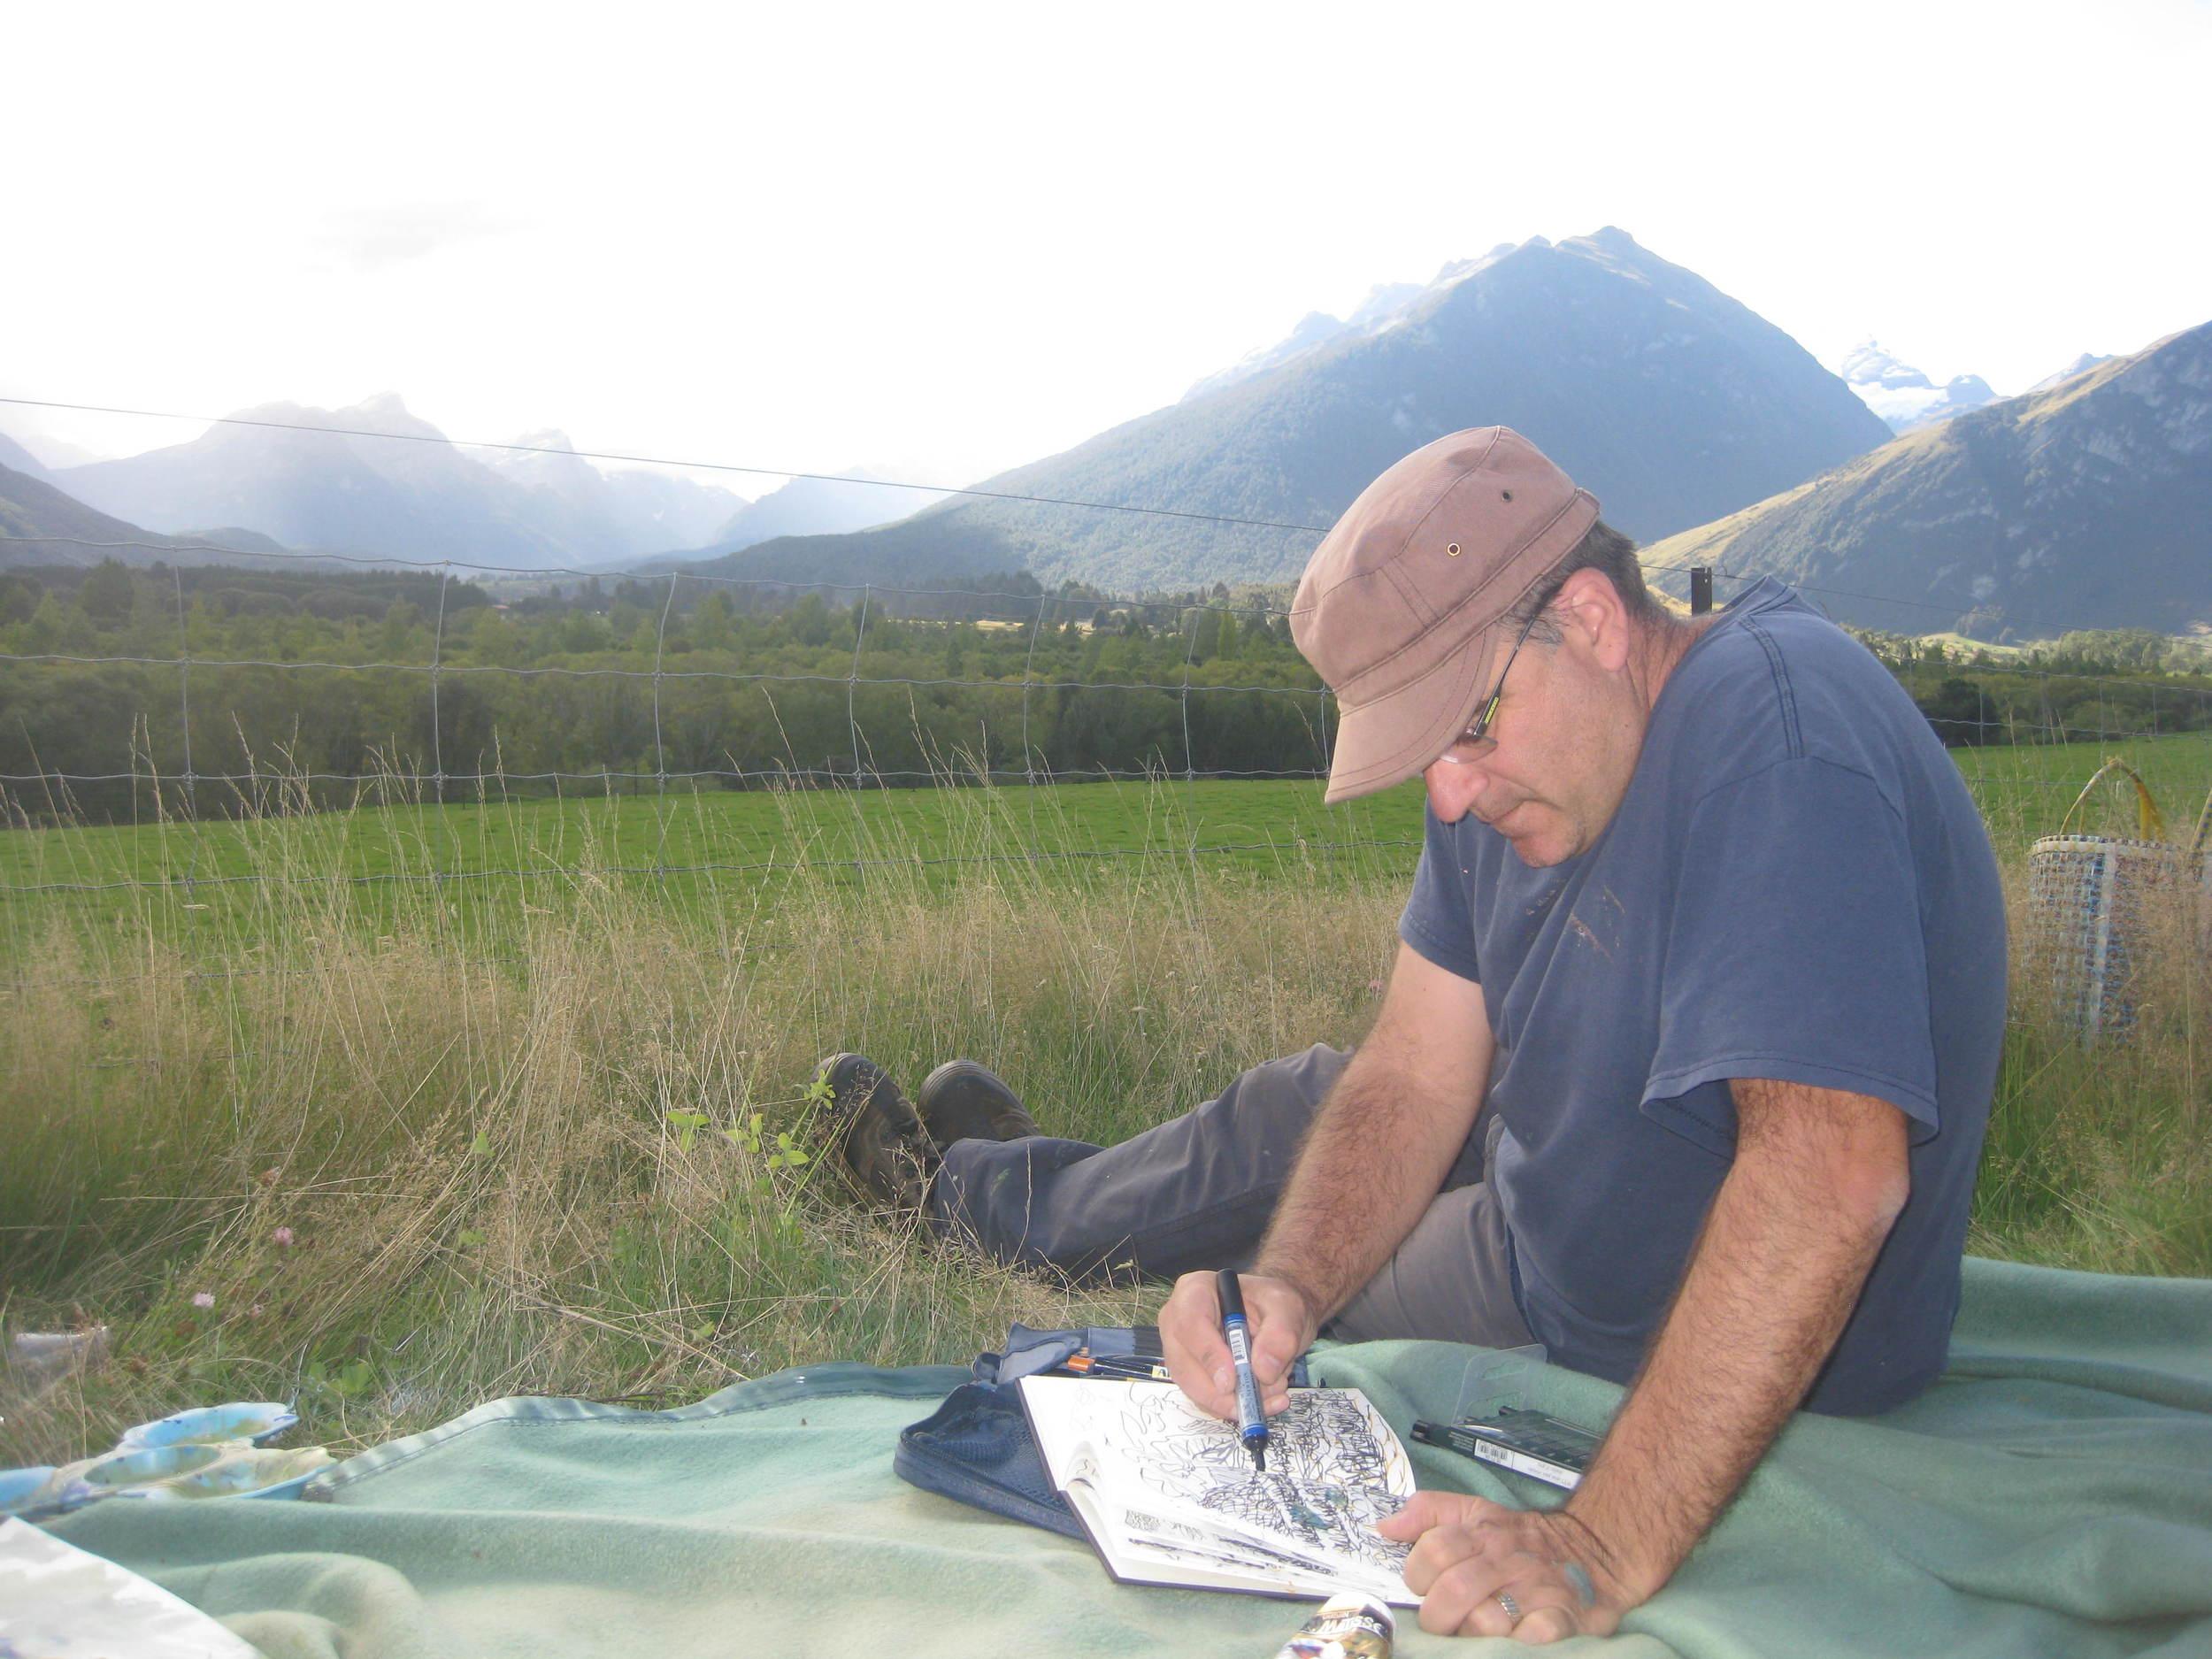 Steve Lopes sketching Queenstown